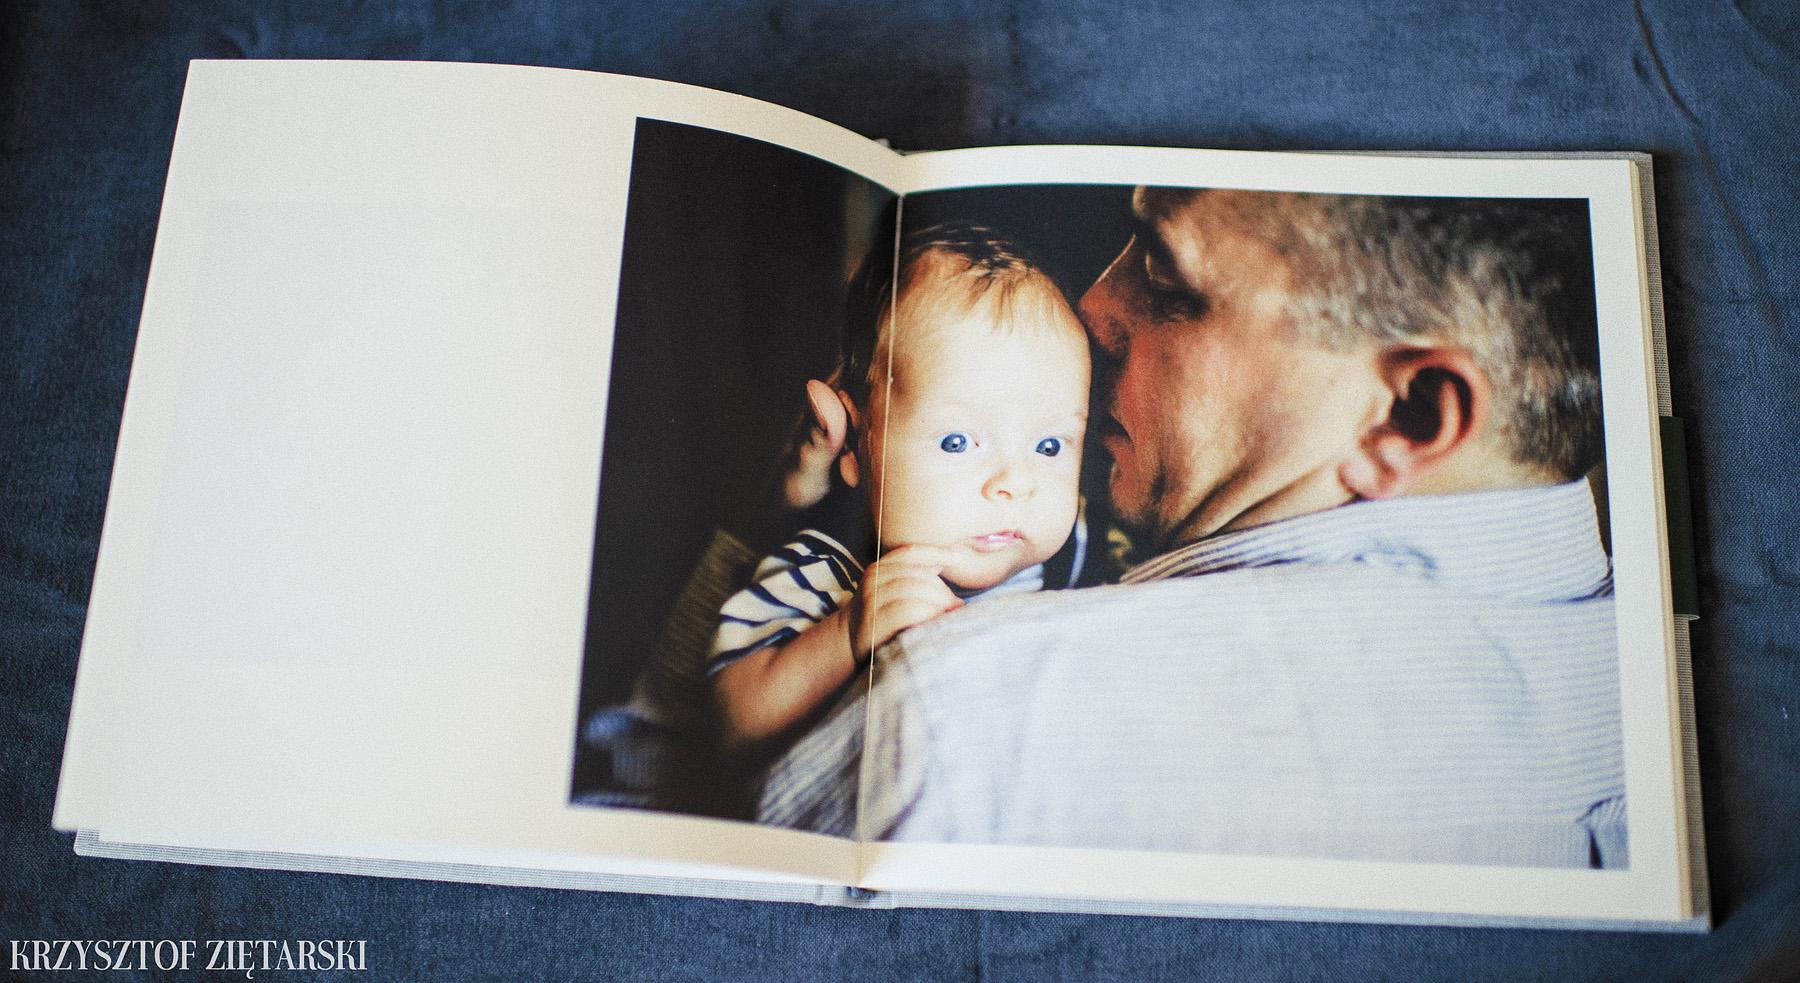 FlatBook 22x22cm, papier kremowy niepowlekany, szare płótno C12 - zdjęcia, przykłady, opinie